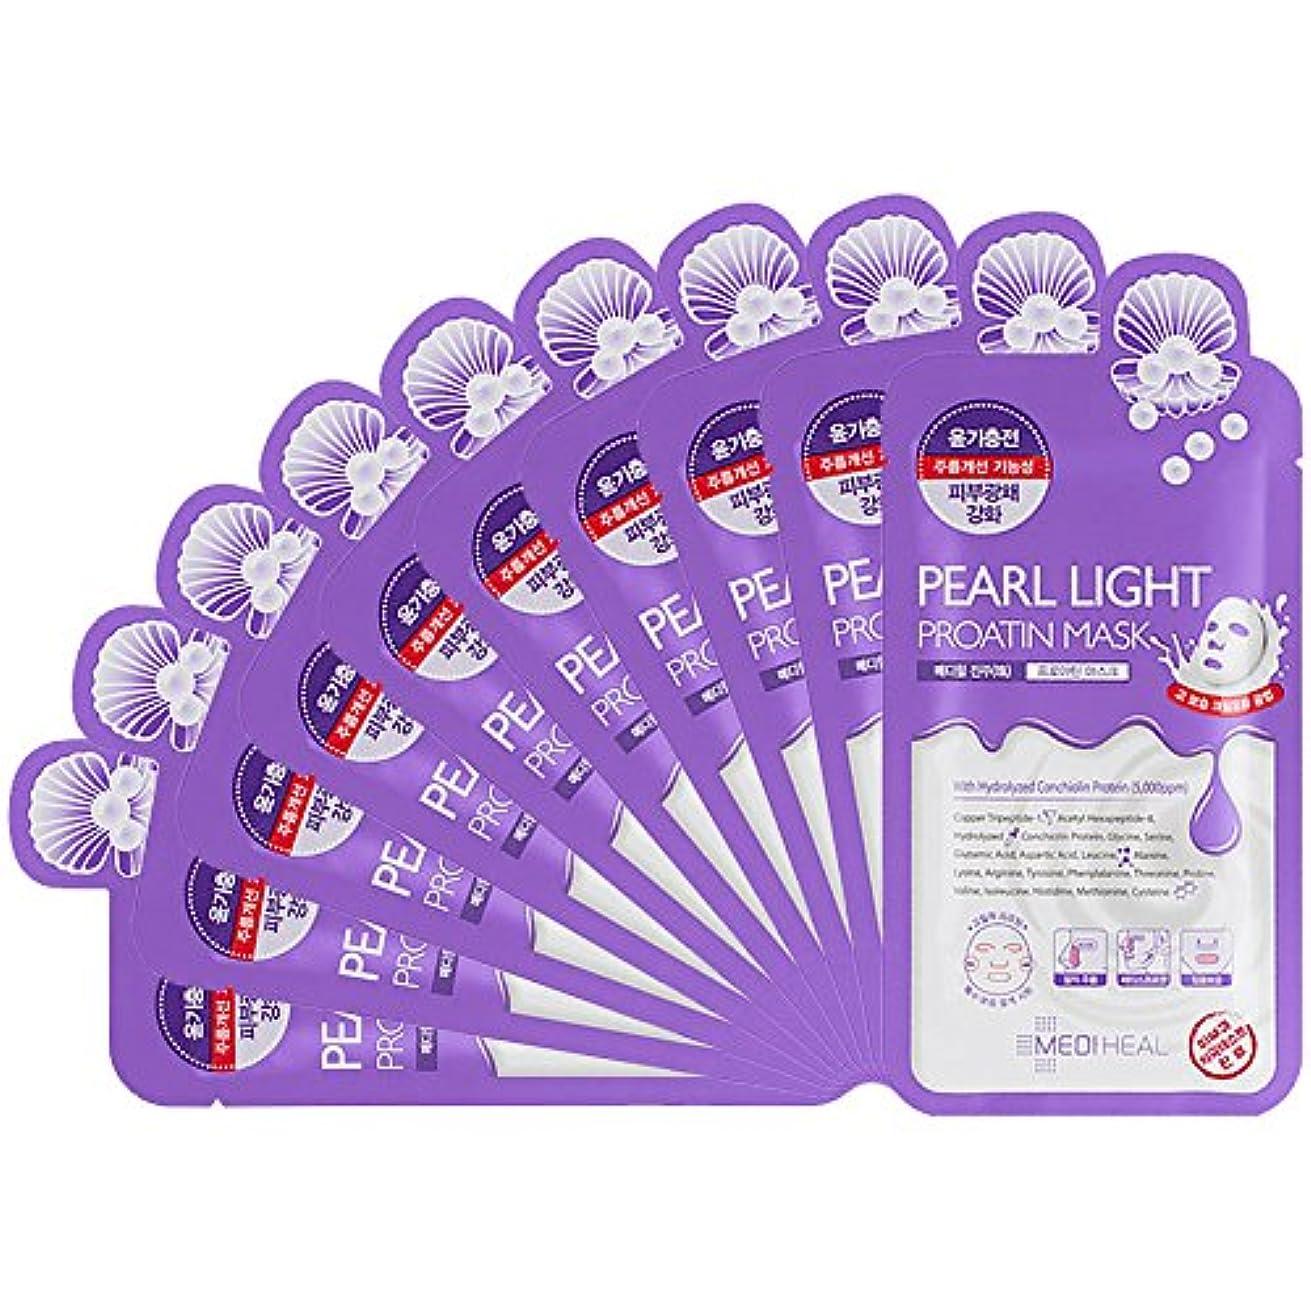 軽蔑する通り抜ける臨検[[MEDIHEAL]] メディヒールパールライトプロアチン マスクPearl Light Proatin Mask 10pc